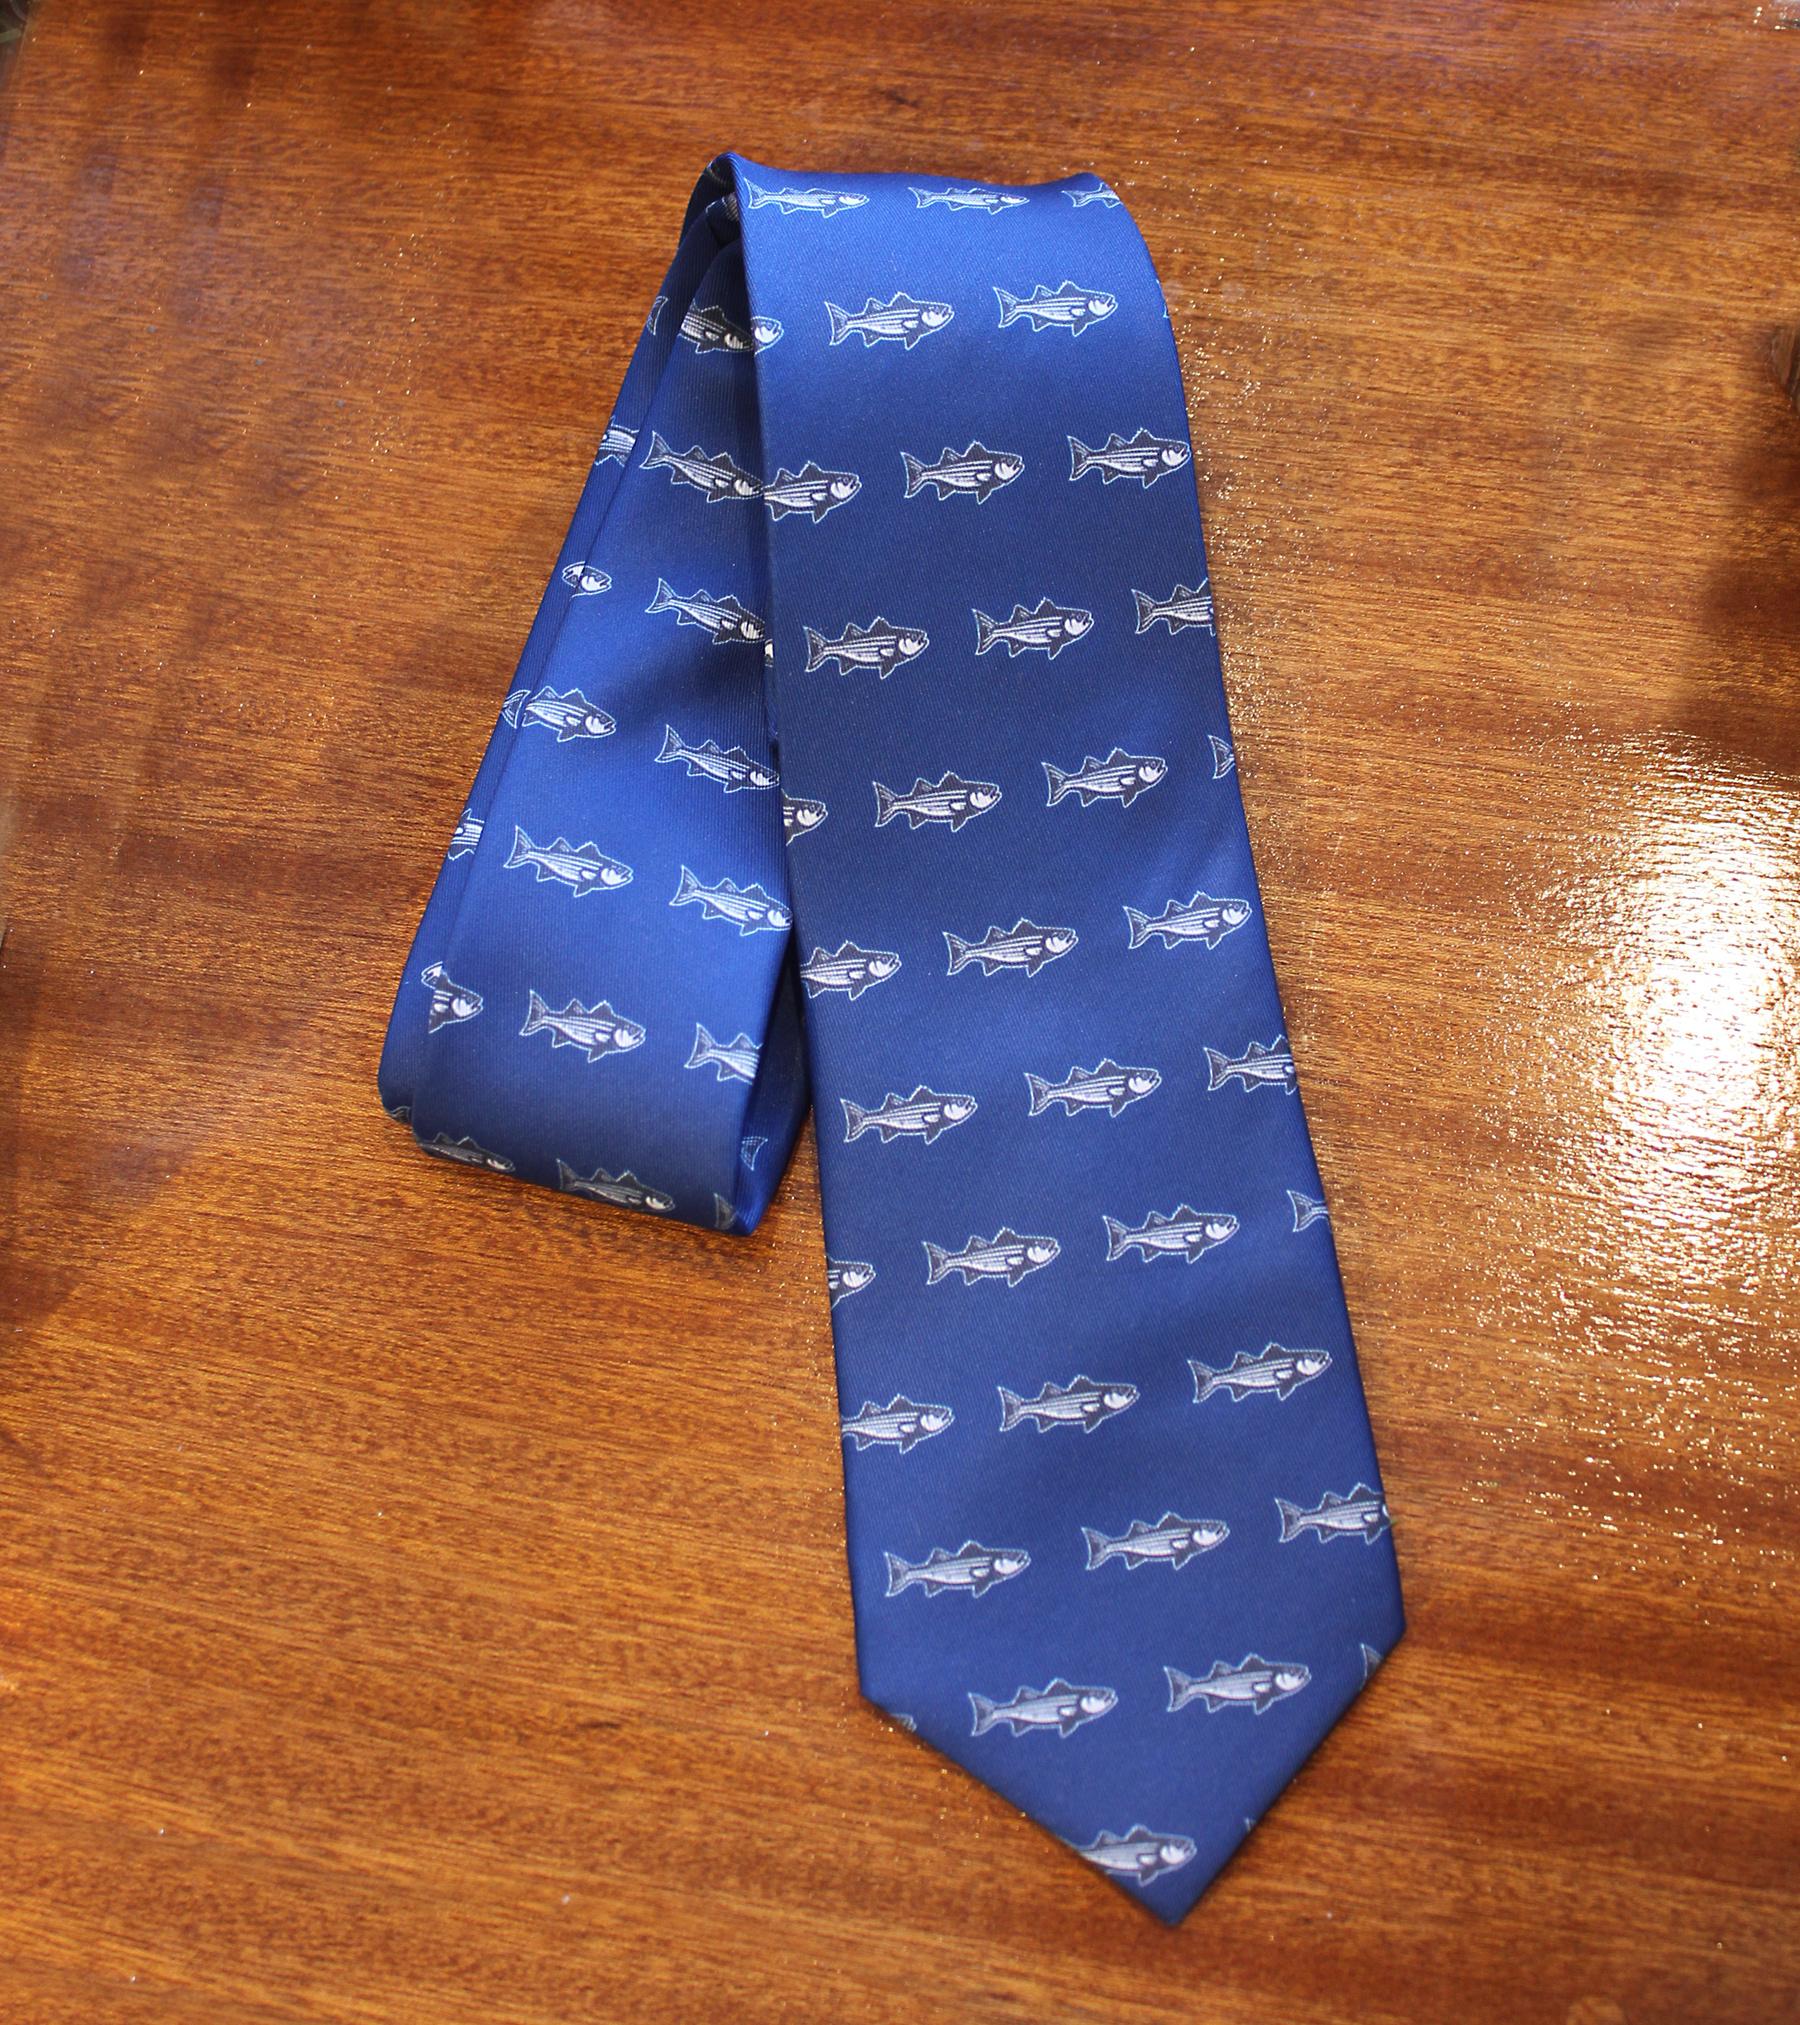 Knotty Tie Striped Bass Necktie